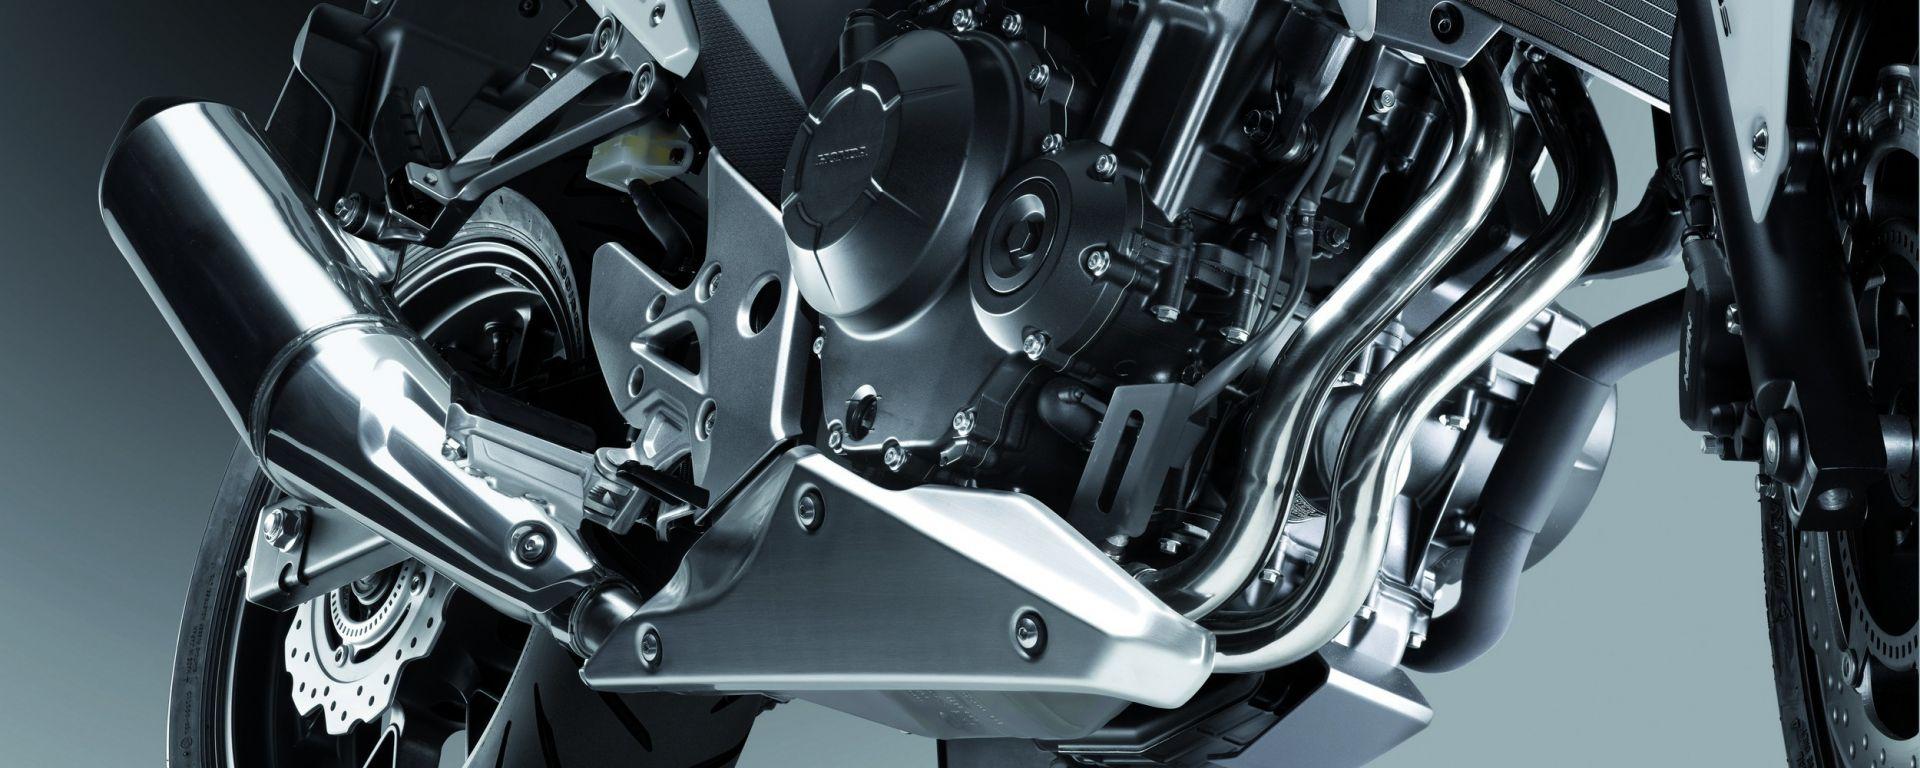 Honda CB500F, CB500X e CBR500R